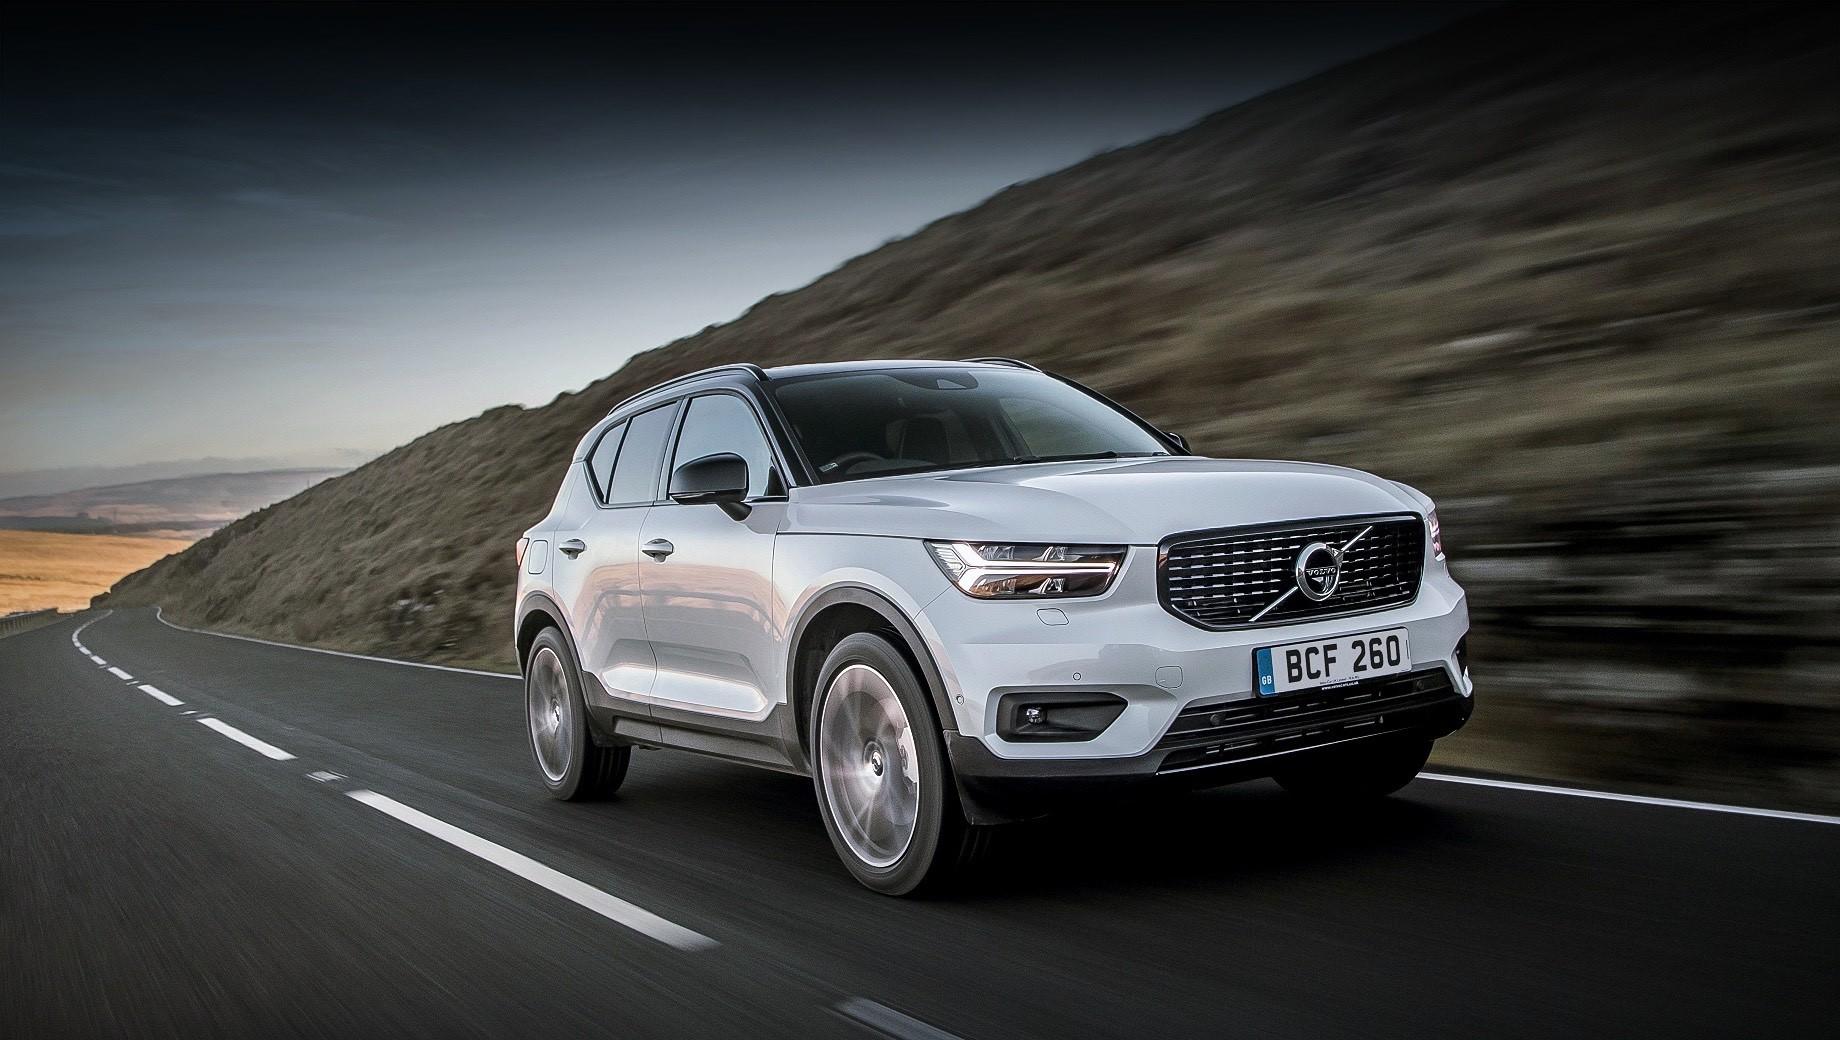 Volvo xc40 recharge,Volvo xc40. Бензоэлектрический Volvo XC40 Recharge Plug-in Hybrid T4 разгоняется до сотни за 8,5 с, а его более мощный родственник с индексом Т5 ― зa 7,3 с. Максимальная скорость у обеих моделей ограничена электроникой на 180 км/ч.